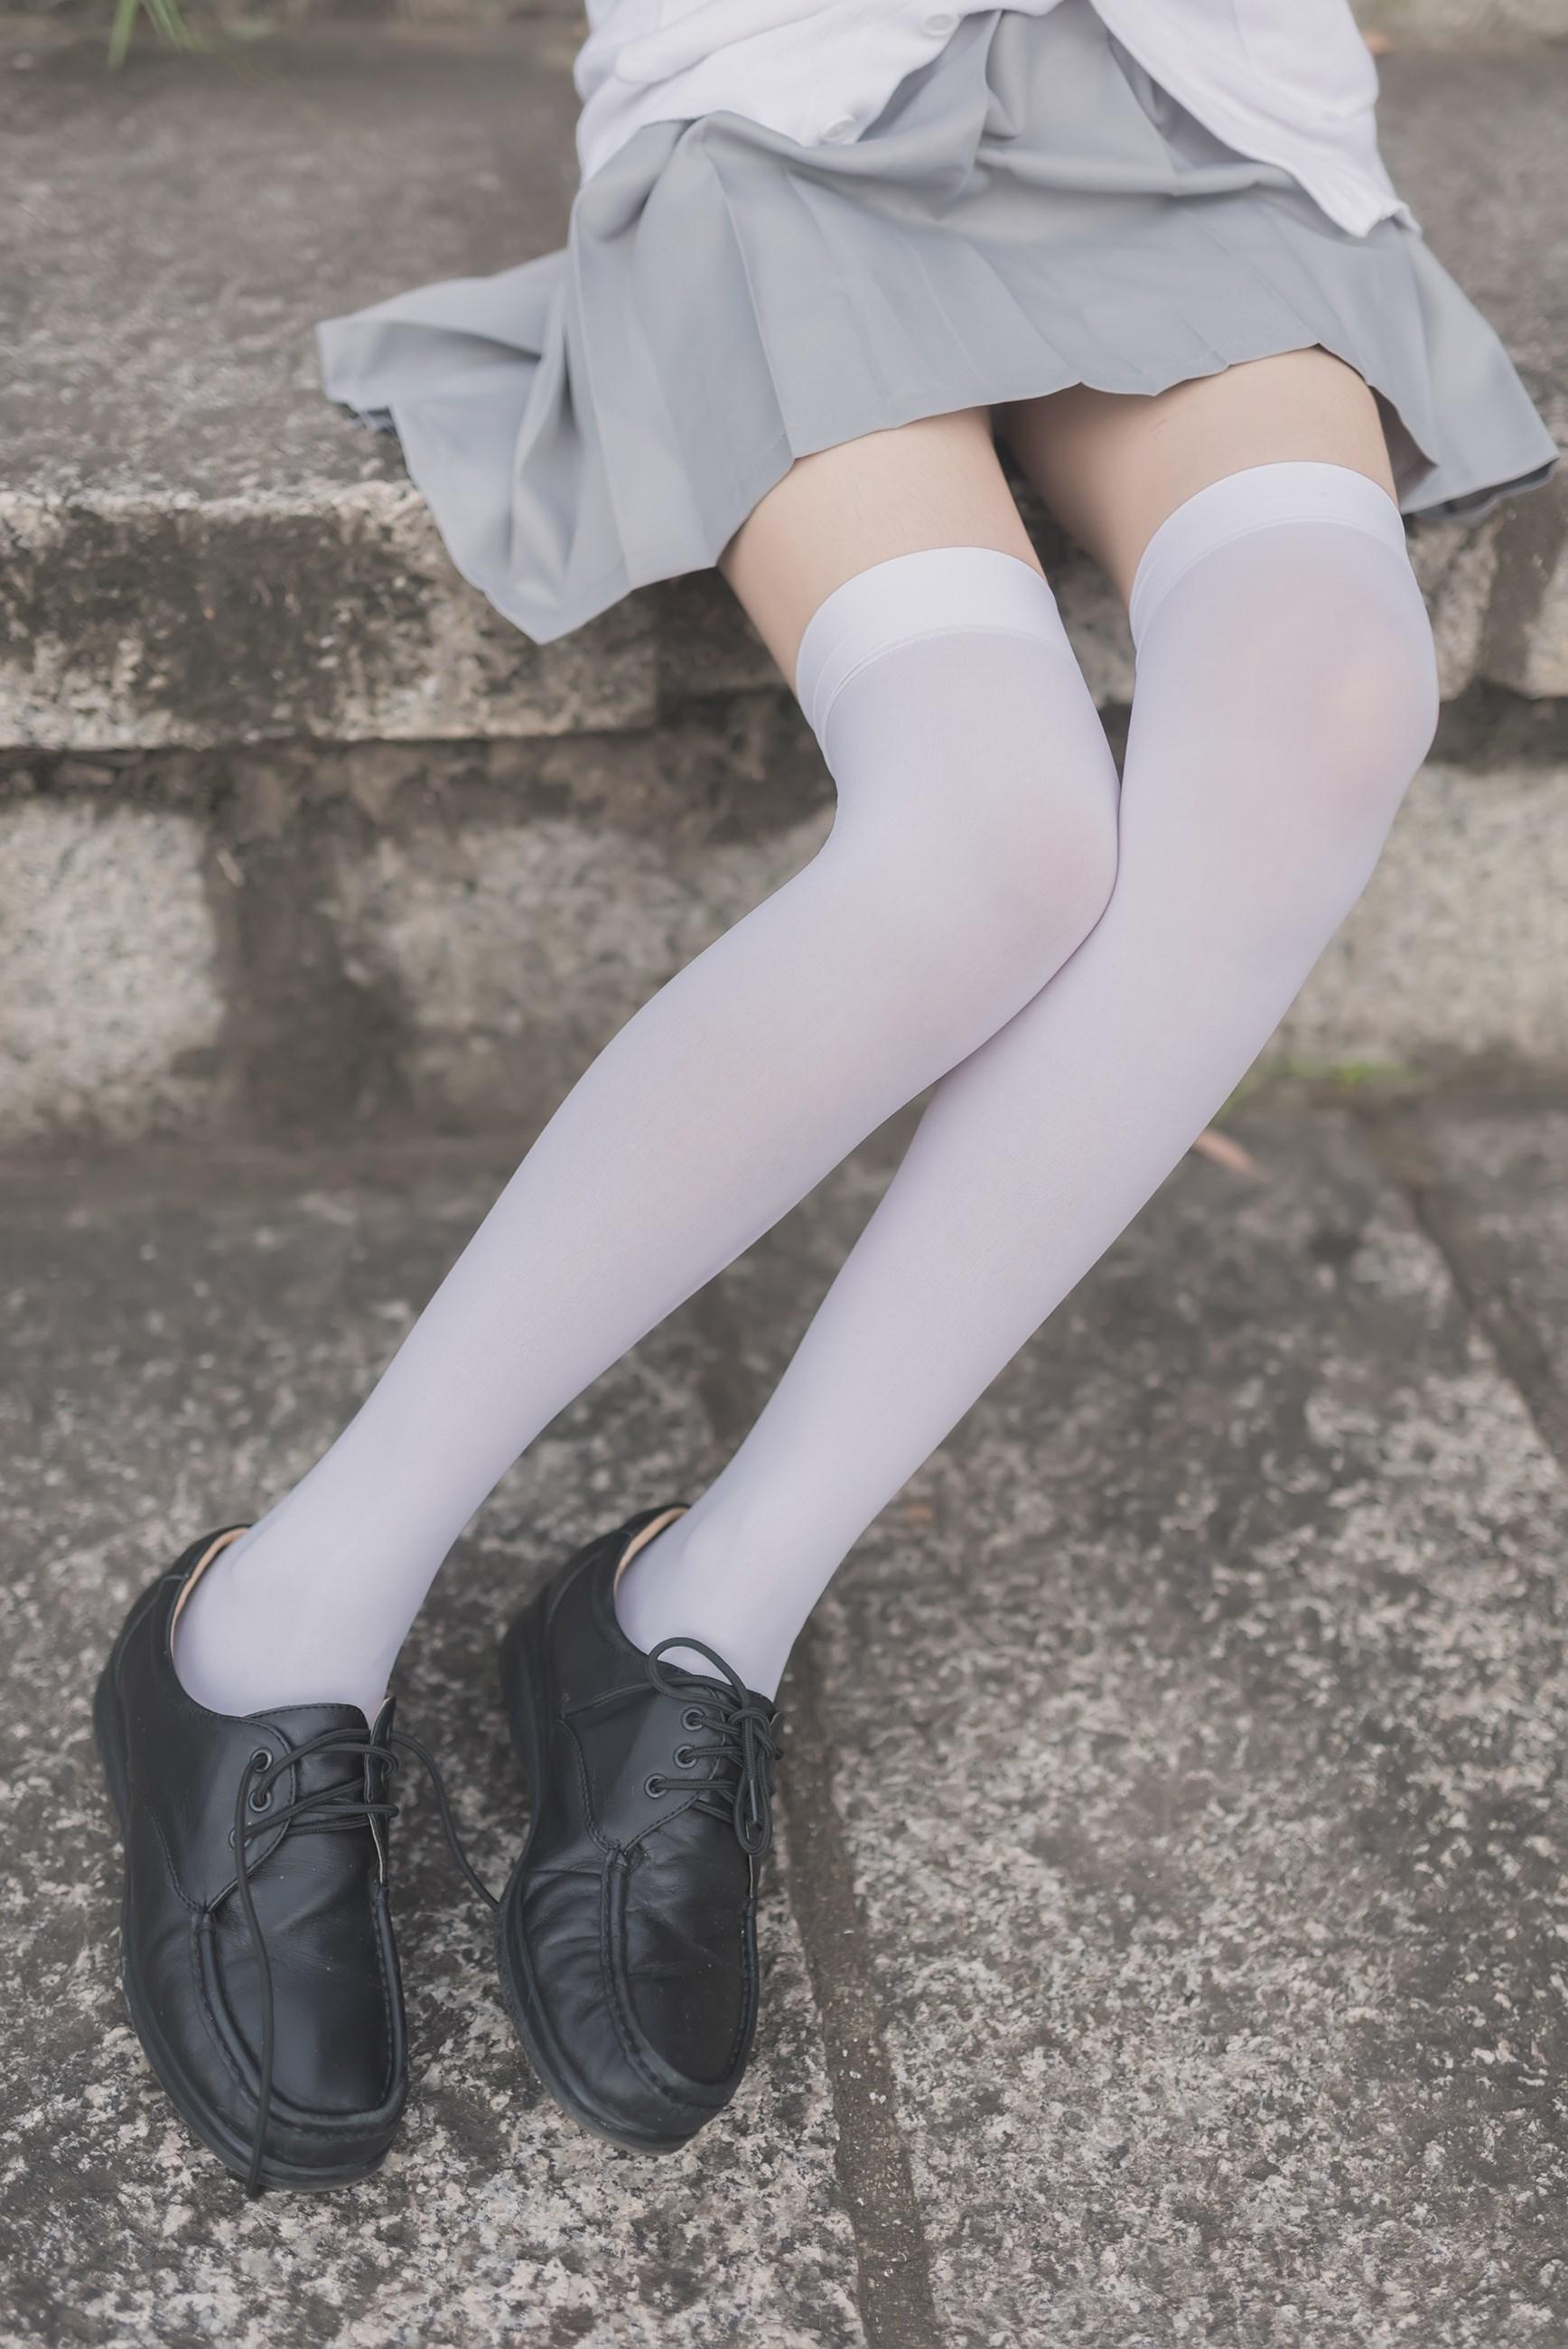 【兔玩映画】灰色天空 兔玩映画 第29张